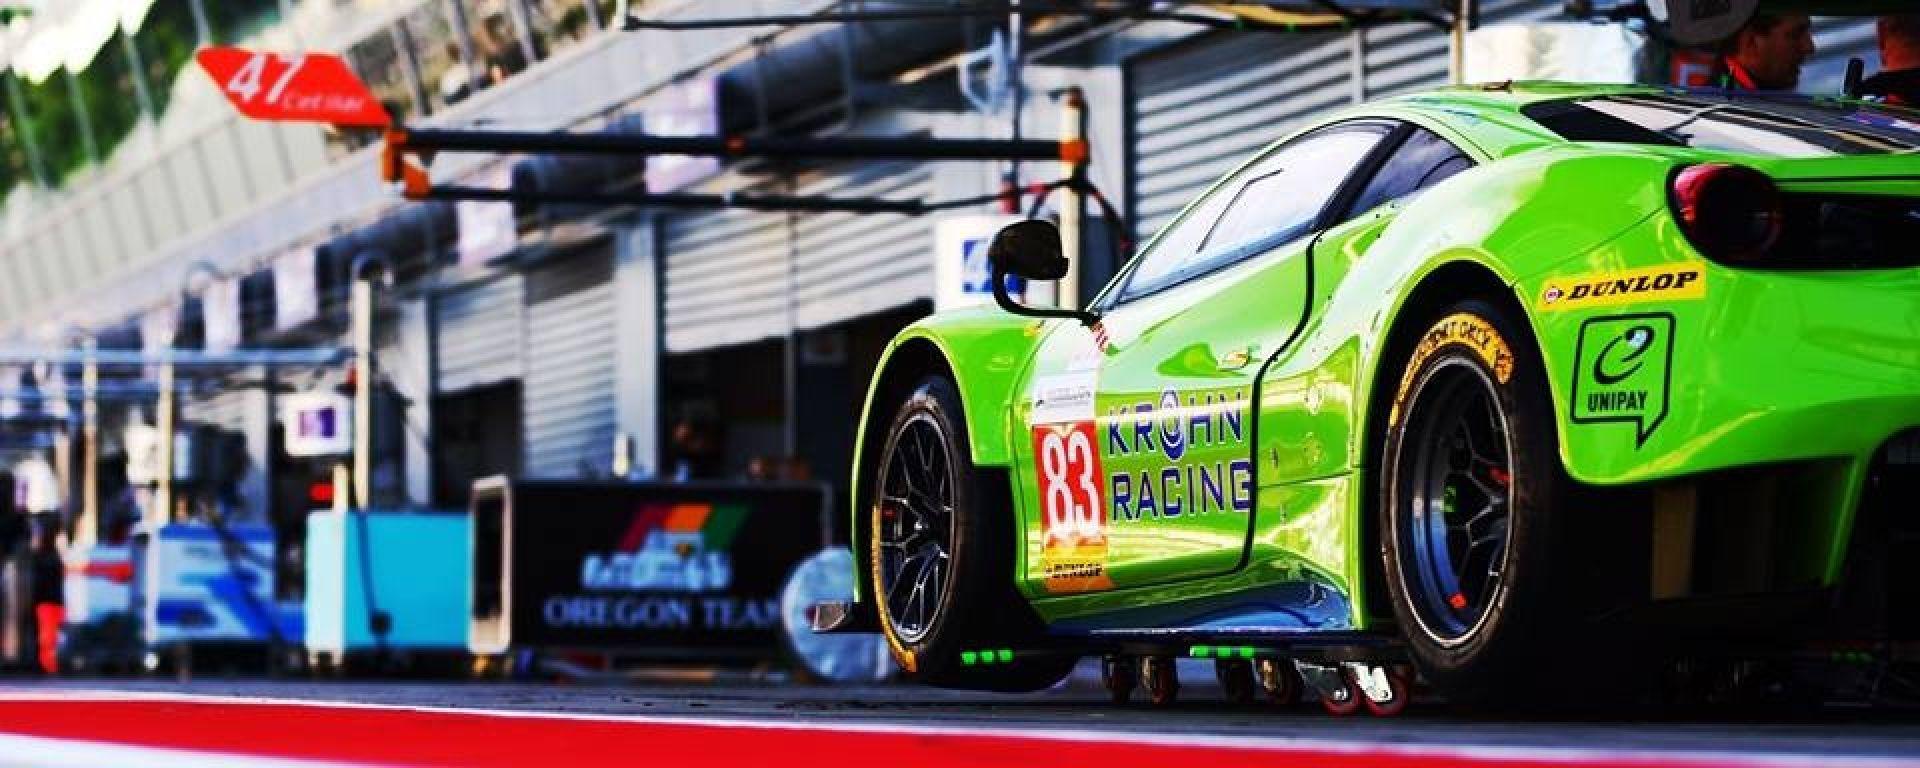 European Le Mans 2018 a Monza: info, orari, biglietti e programma